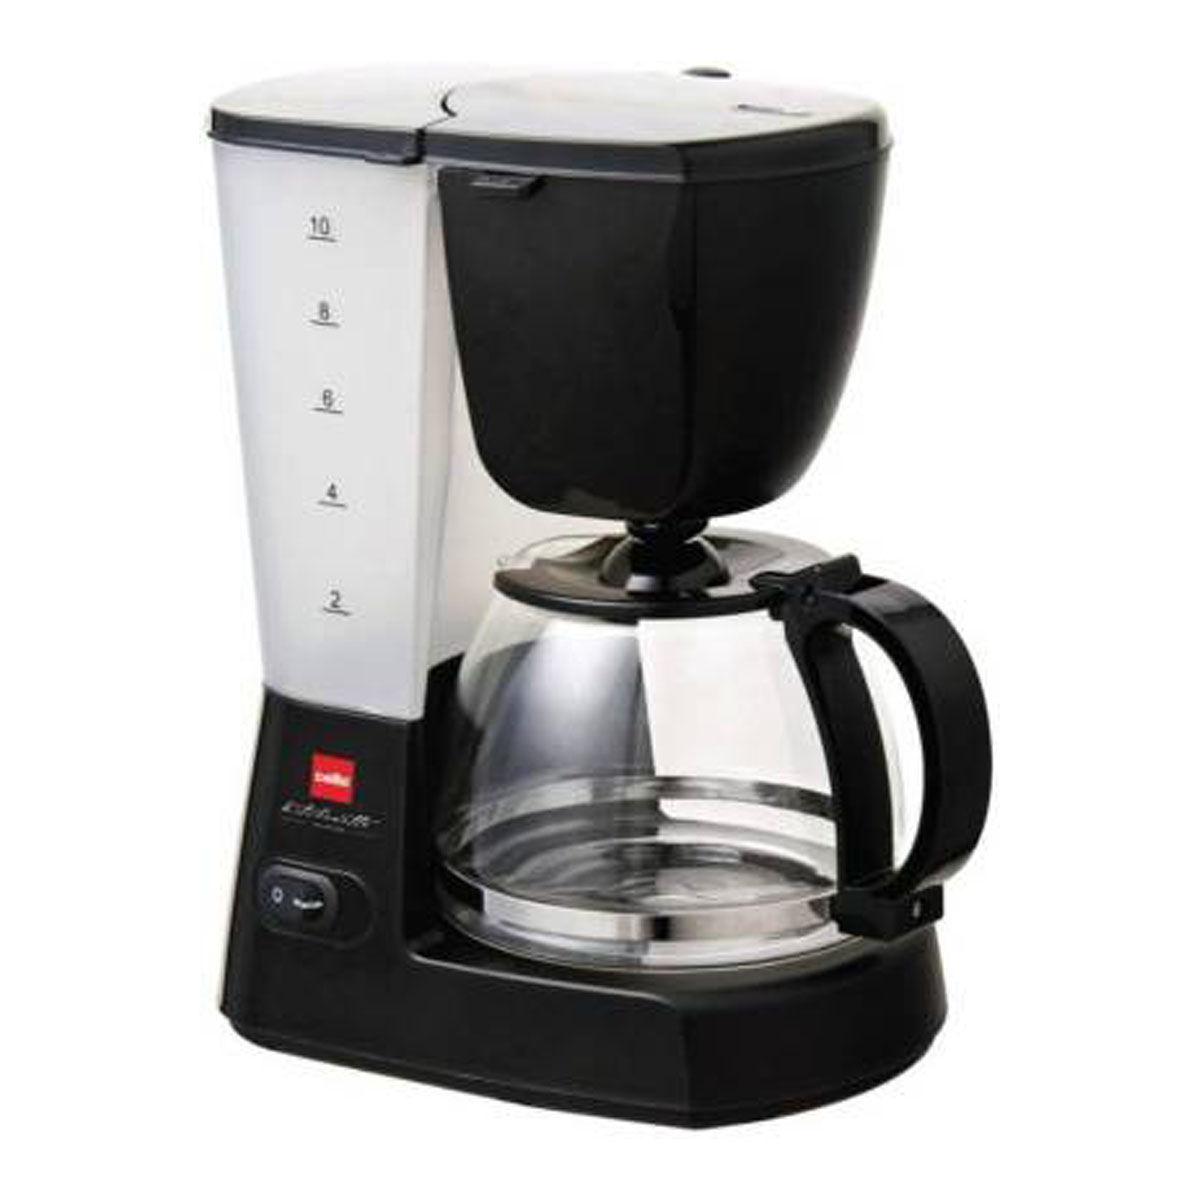 Cello Infusio 200 10 Cups Coffee Maker